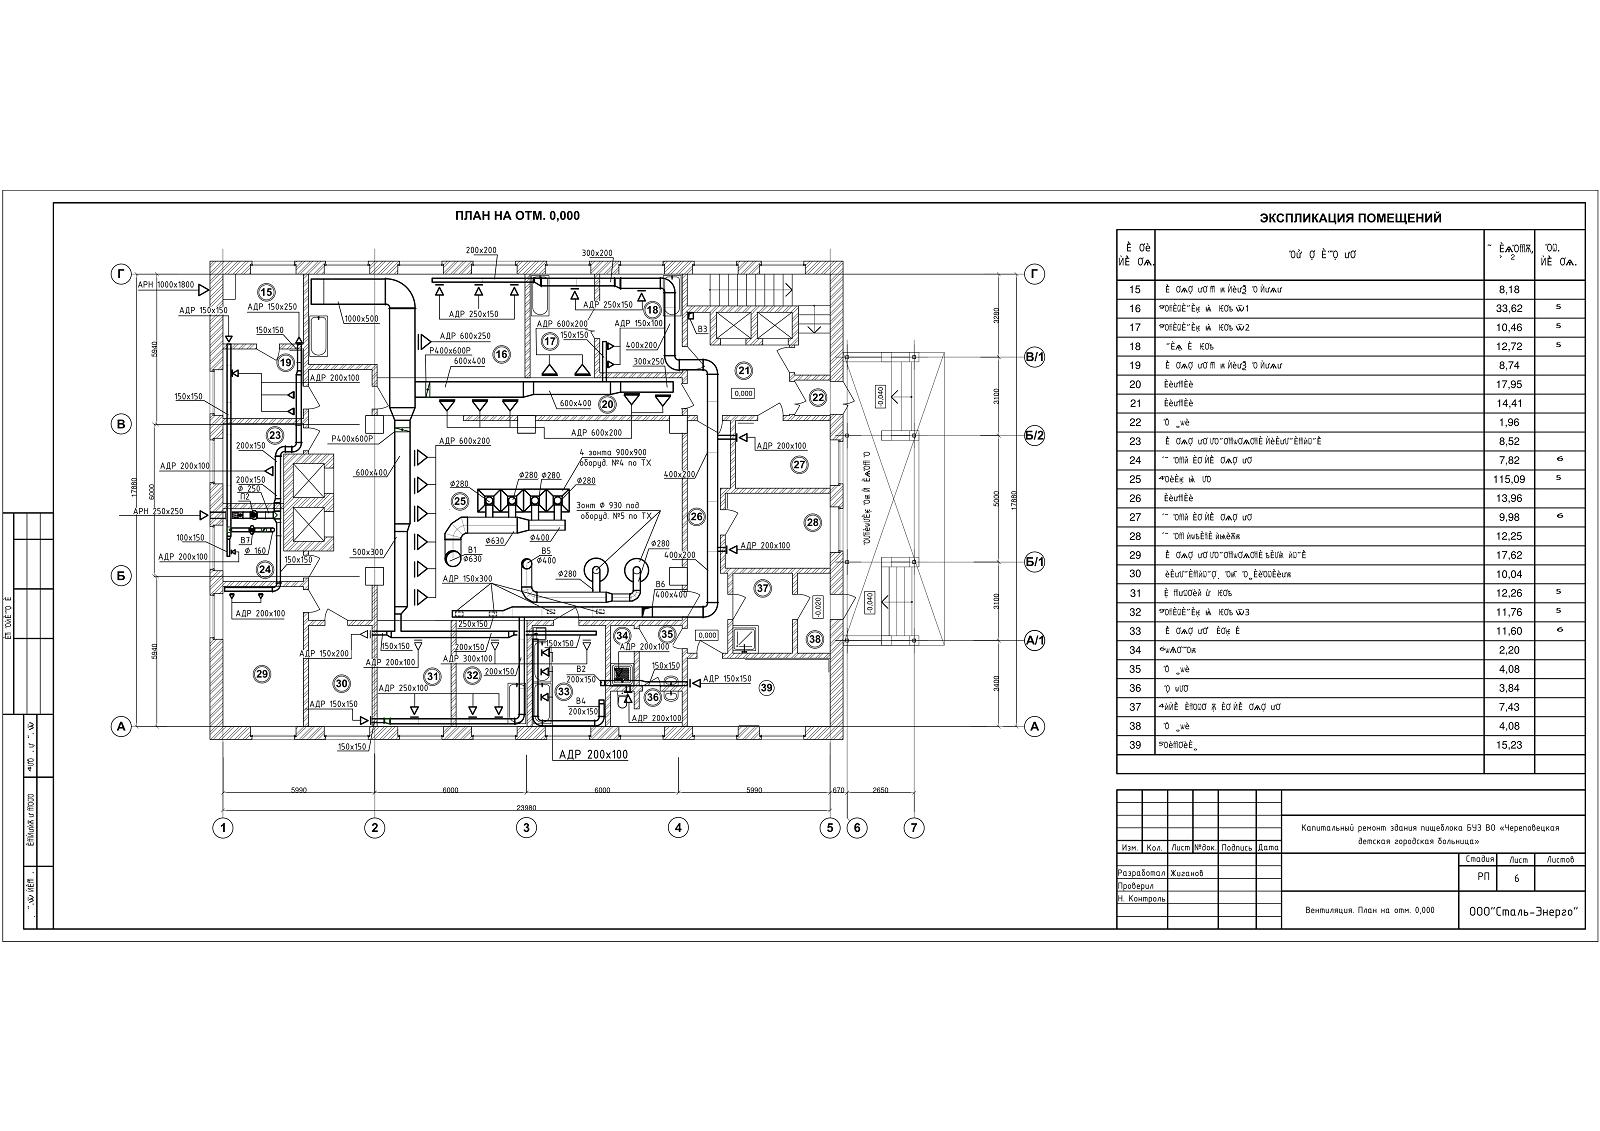 Проектирование системы вентиляции здания